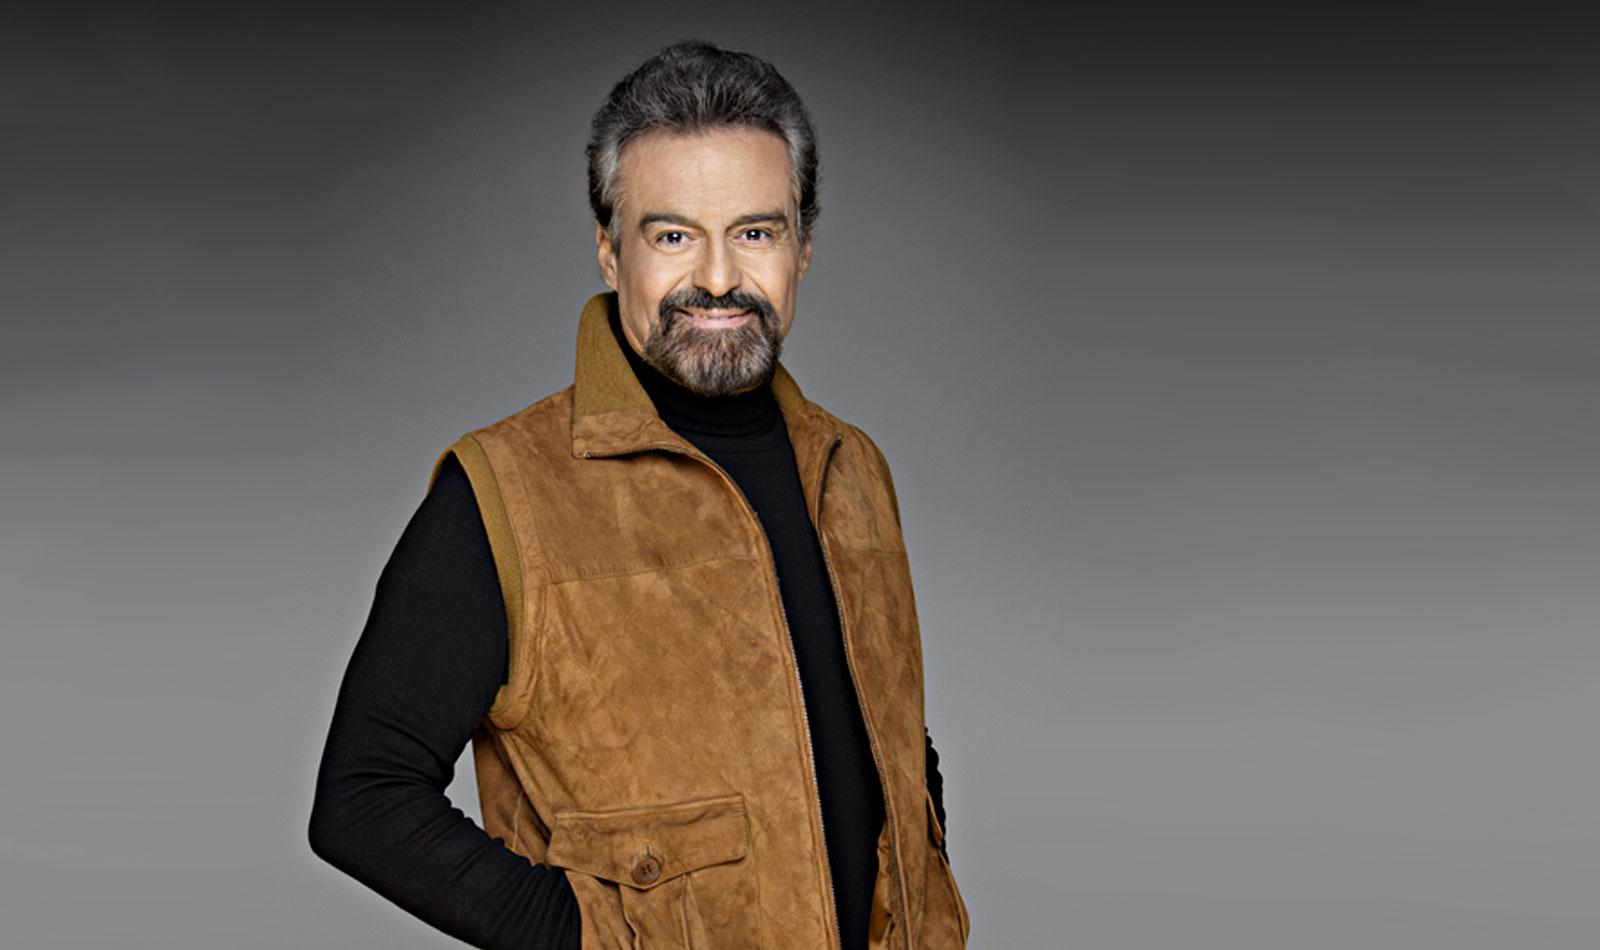 Murió el actor mexicano Gonzalo Vega a los 69 años